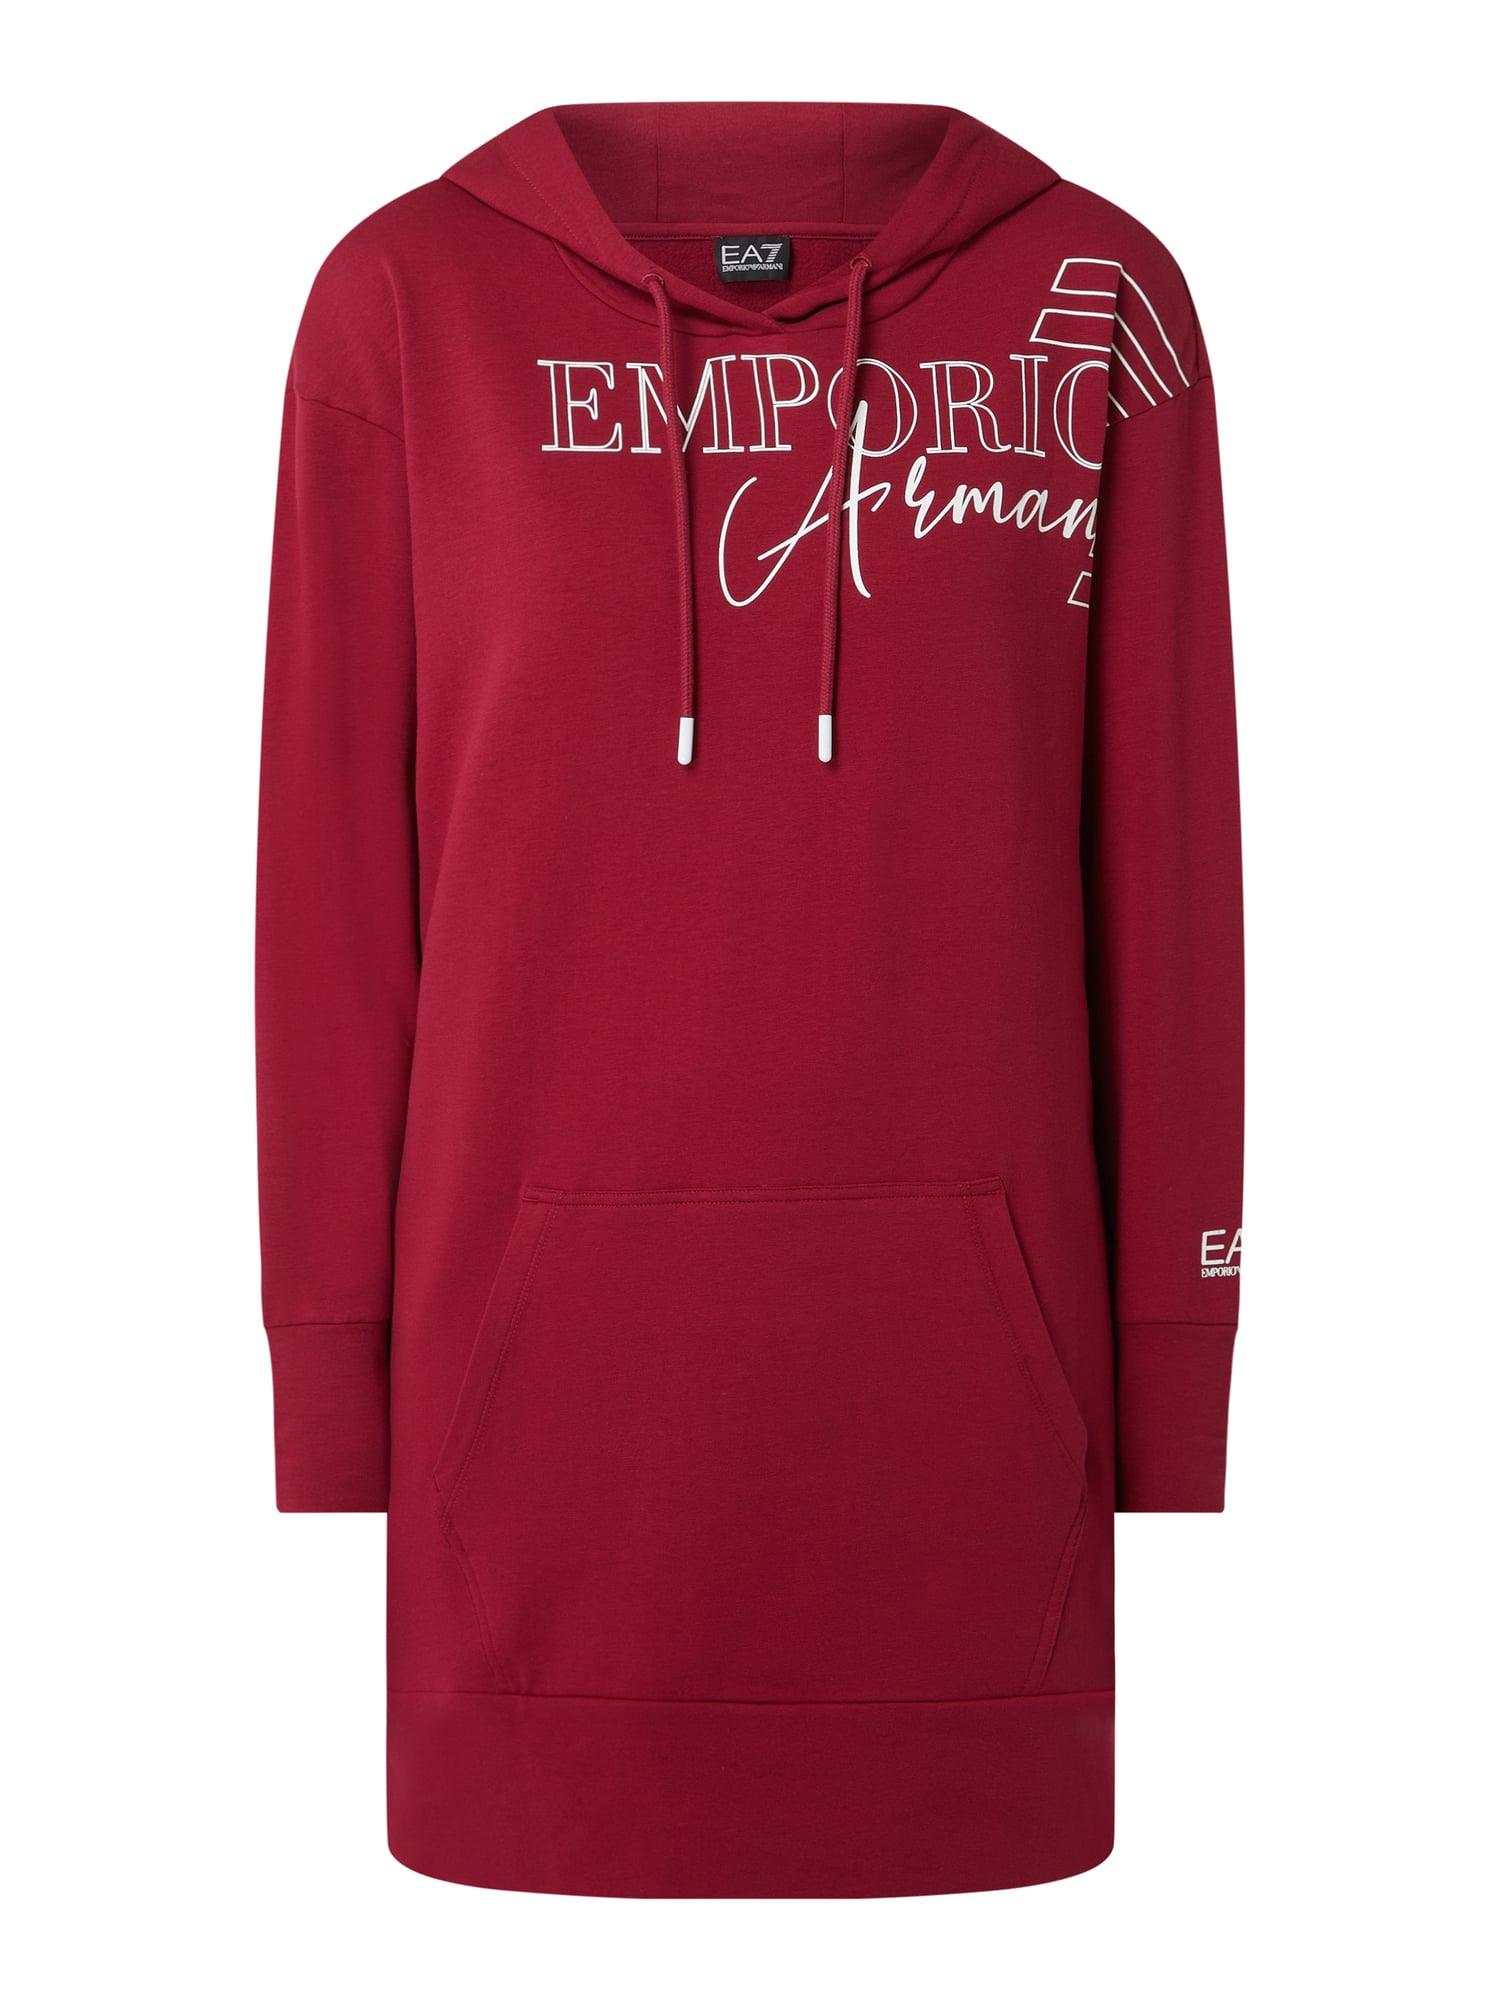 Ea7 Emporio Armani Sweatkleid Mit Kapuze In Rot Online